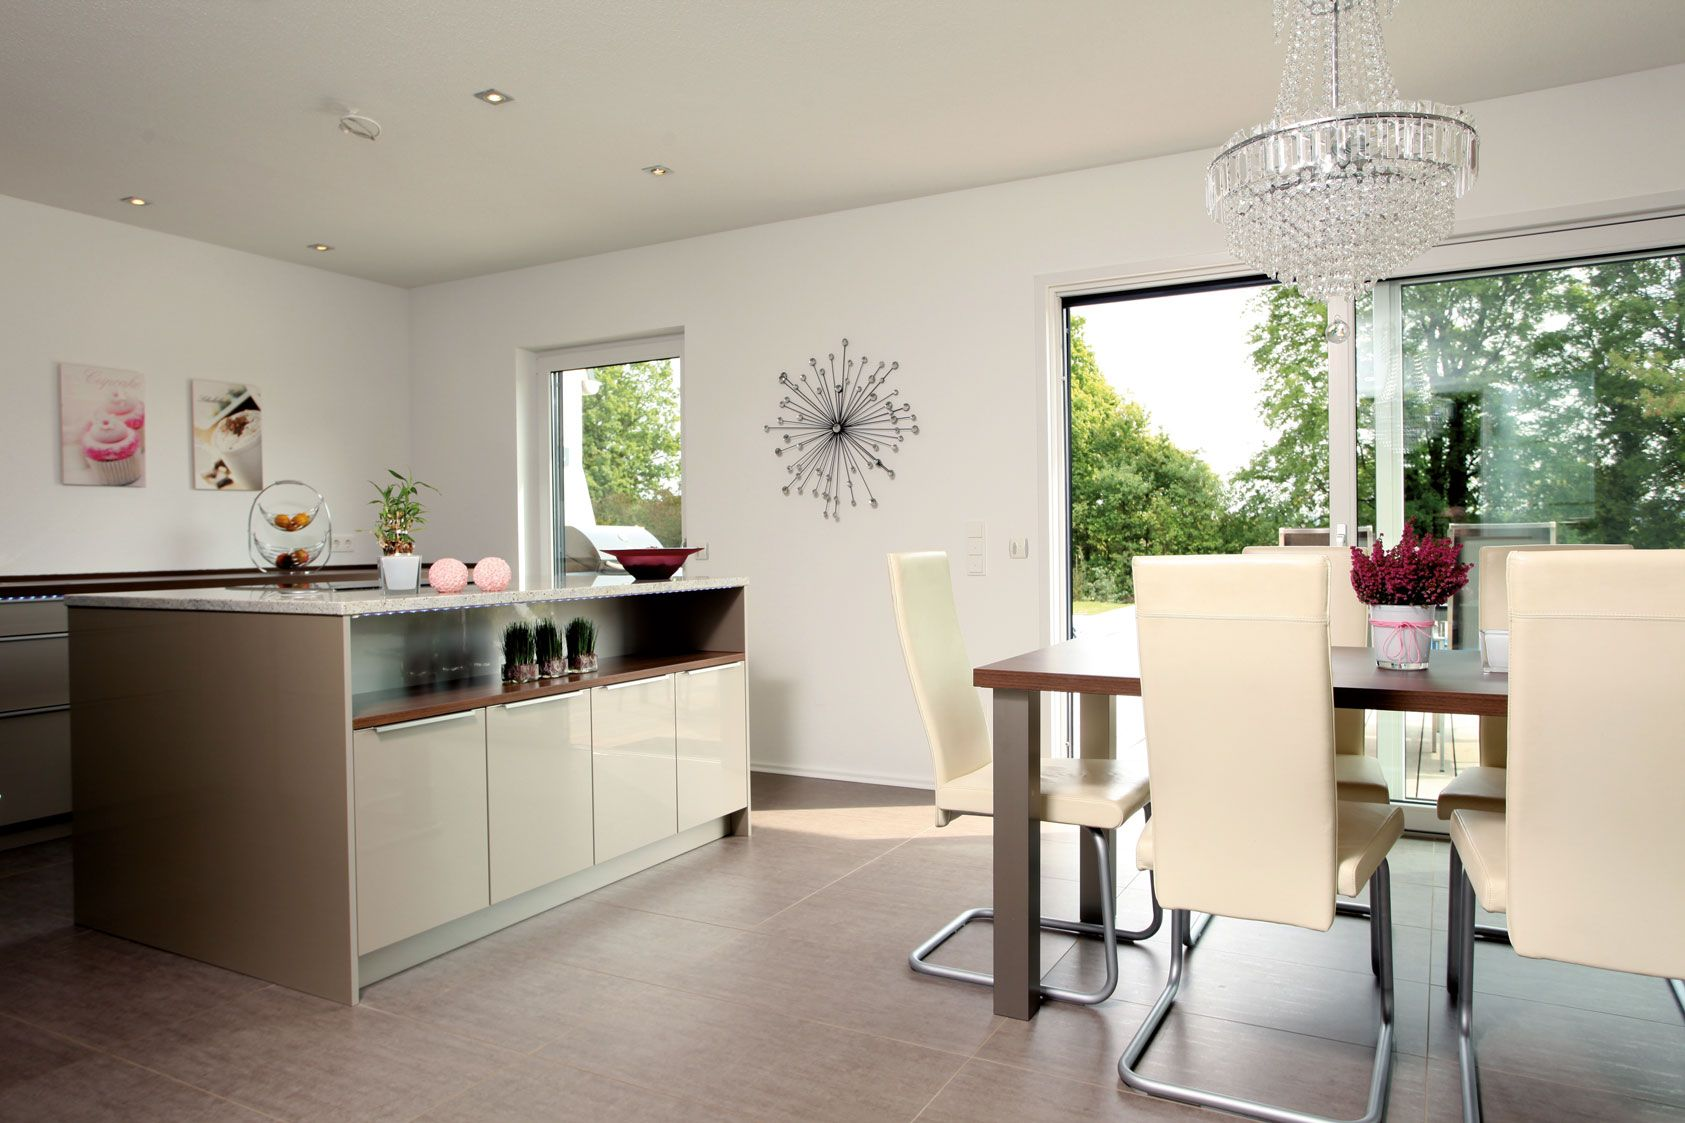 Wohnideen Wohnküche wohnideen offene wohnküche in beige und hochglanz